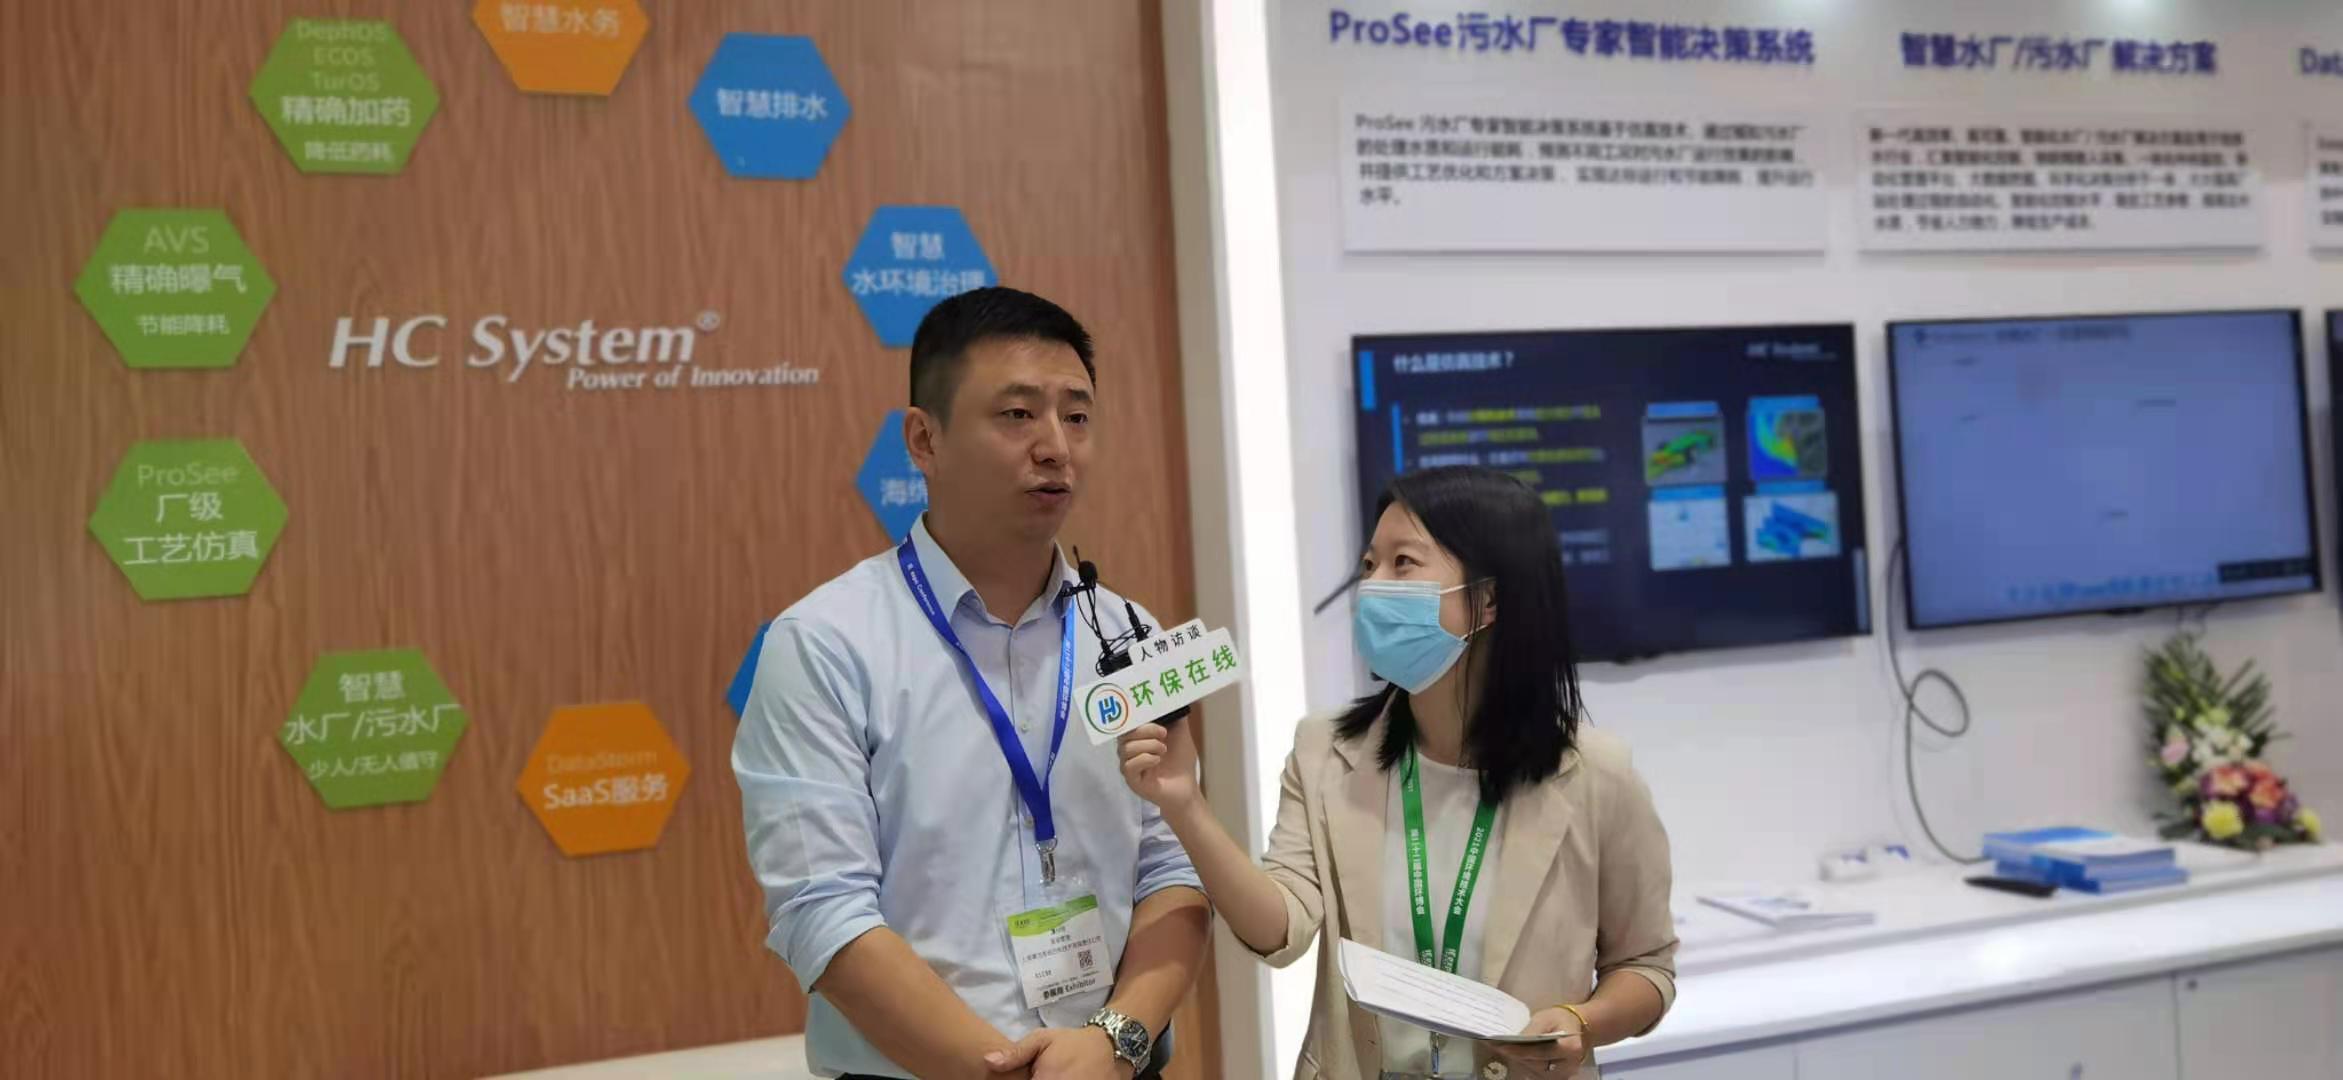 上海昊滄:智慧運營 科技環保 協同發力水環境治理